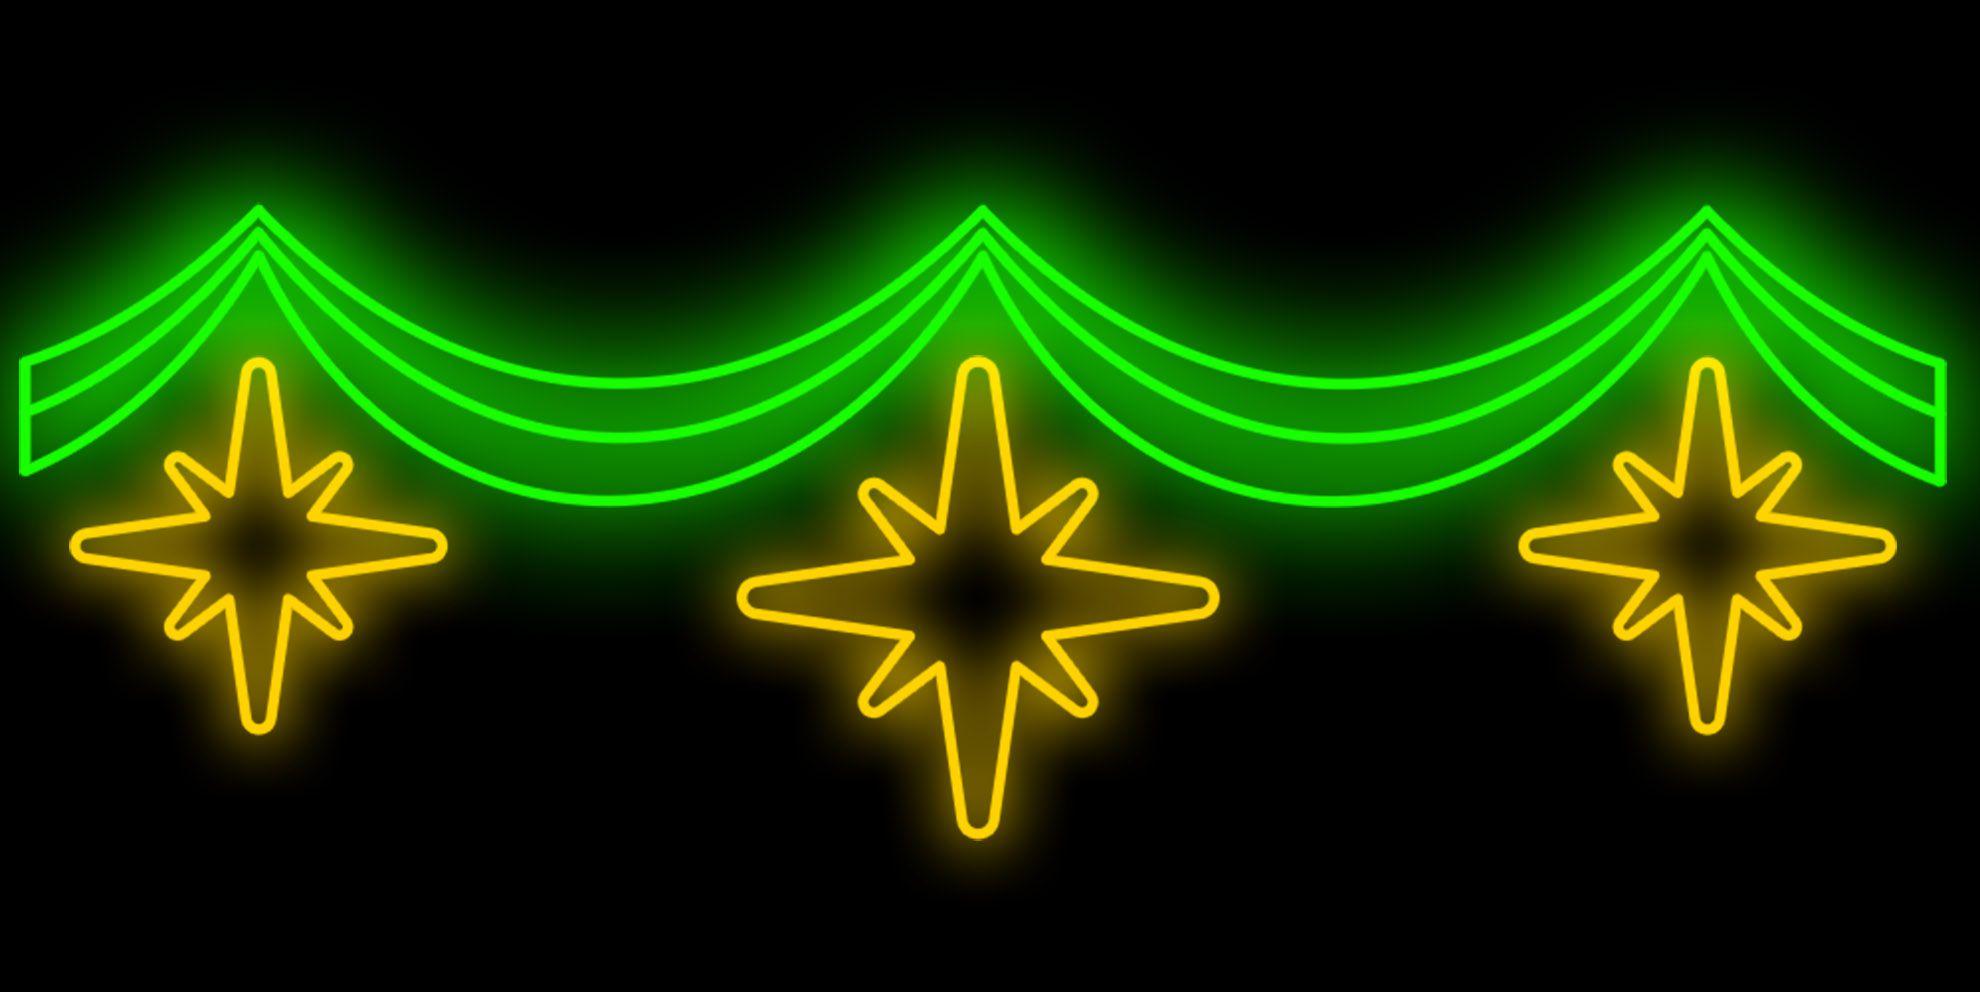 PO-012 - Painel Iluminado Led TRI STAR - (Veja Opções Tamanhos)